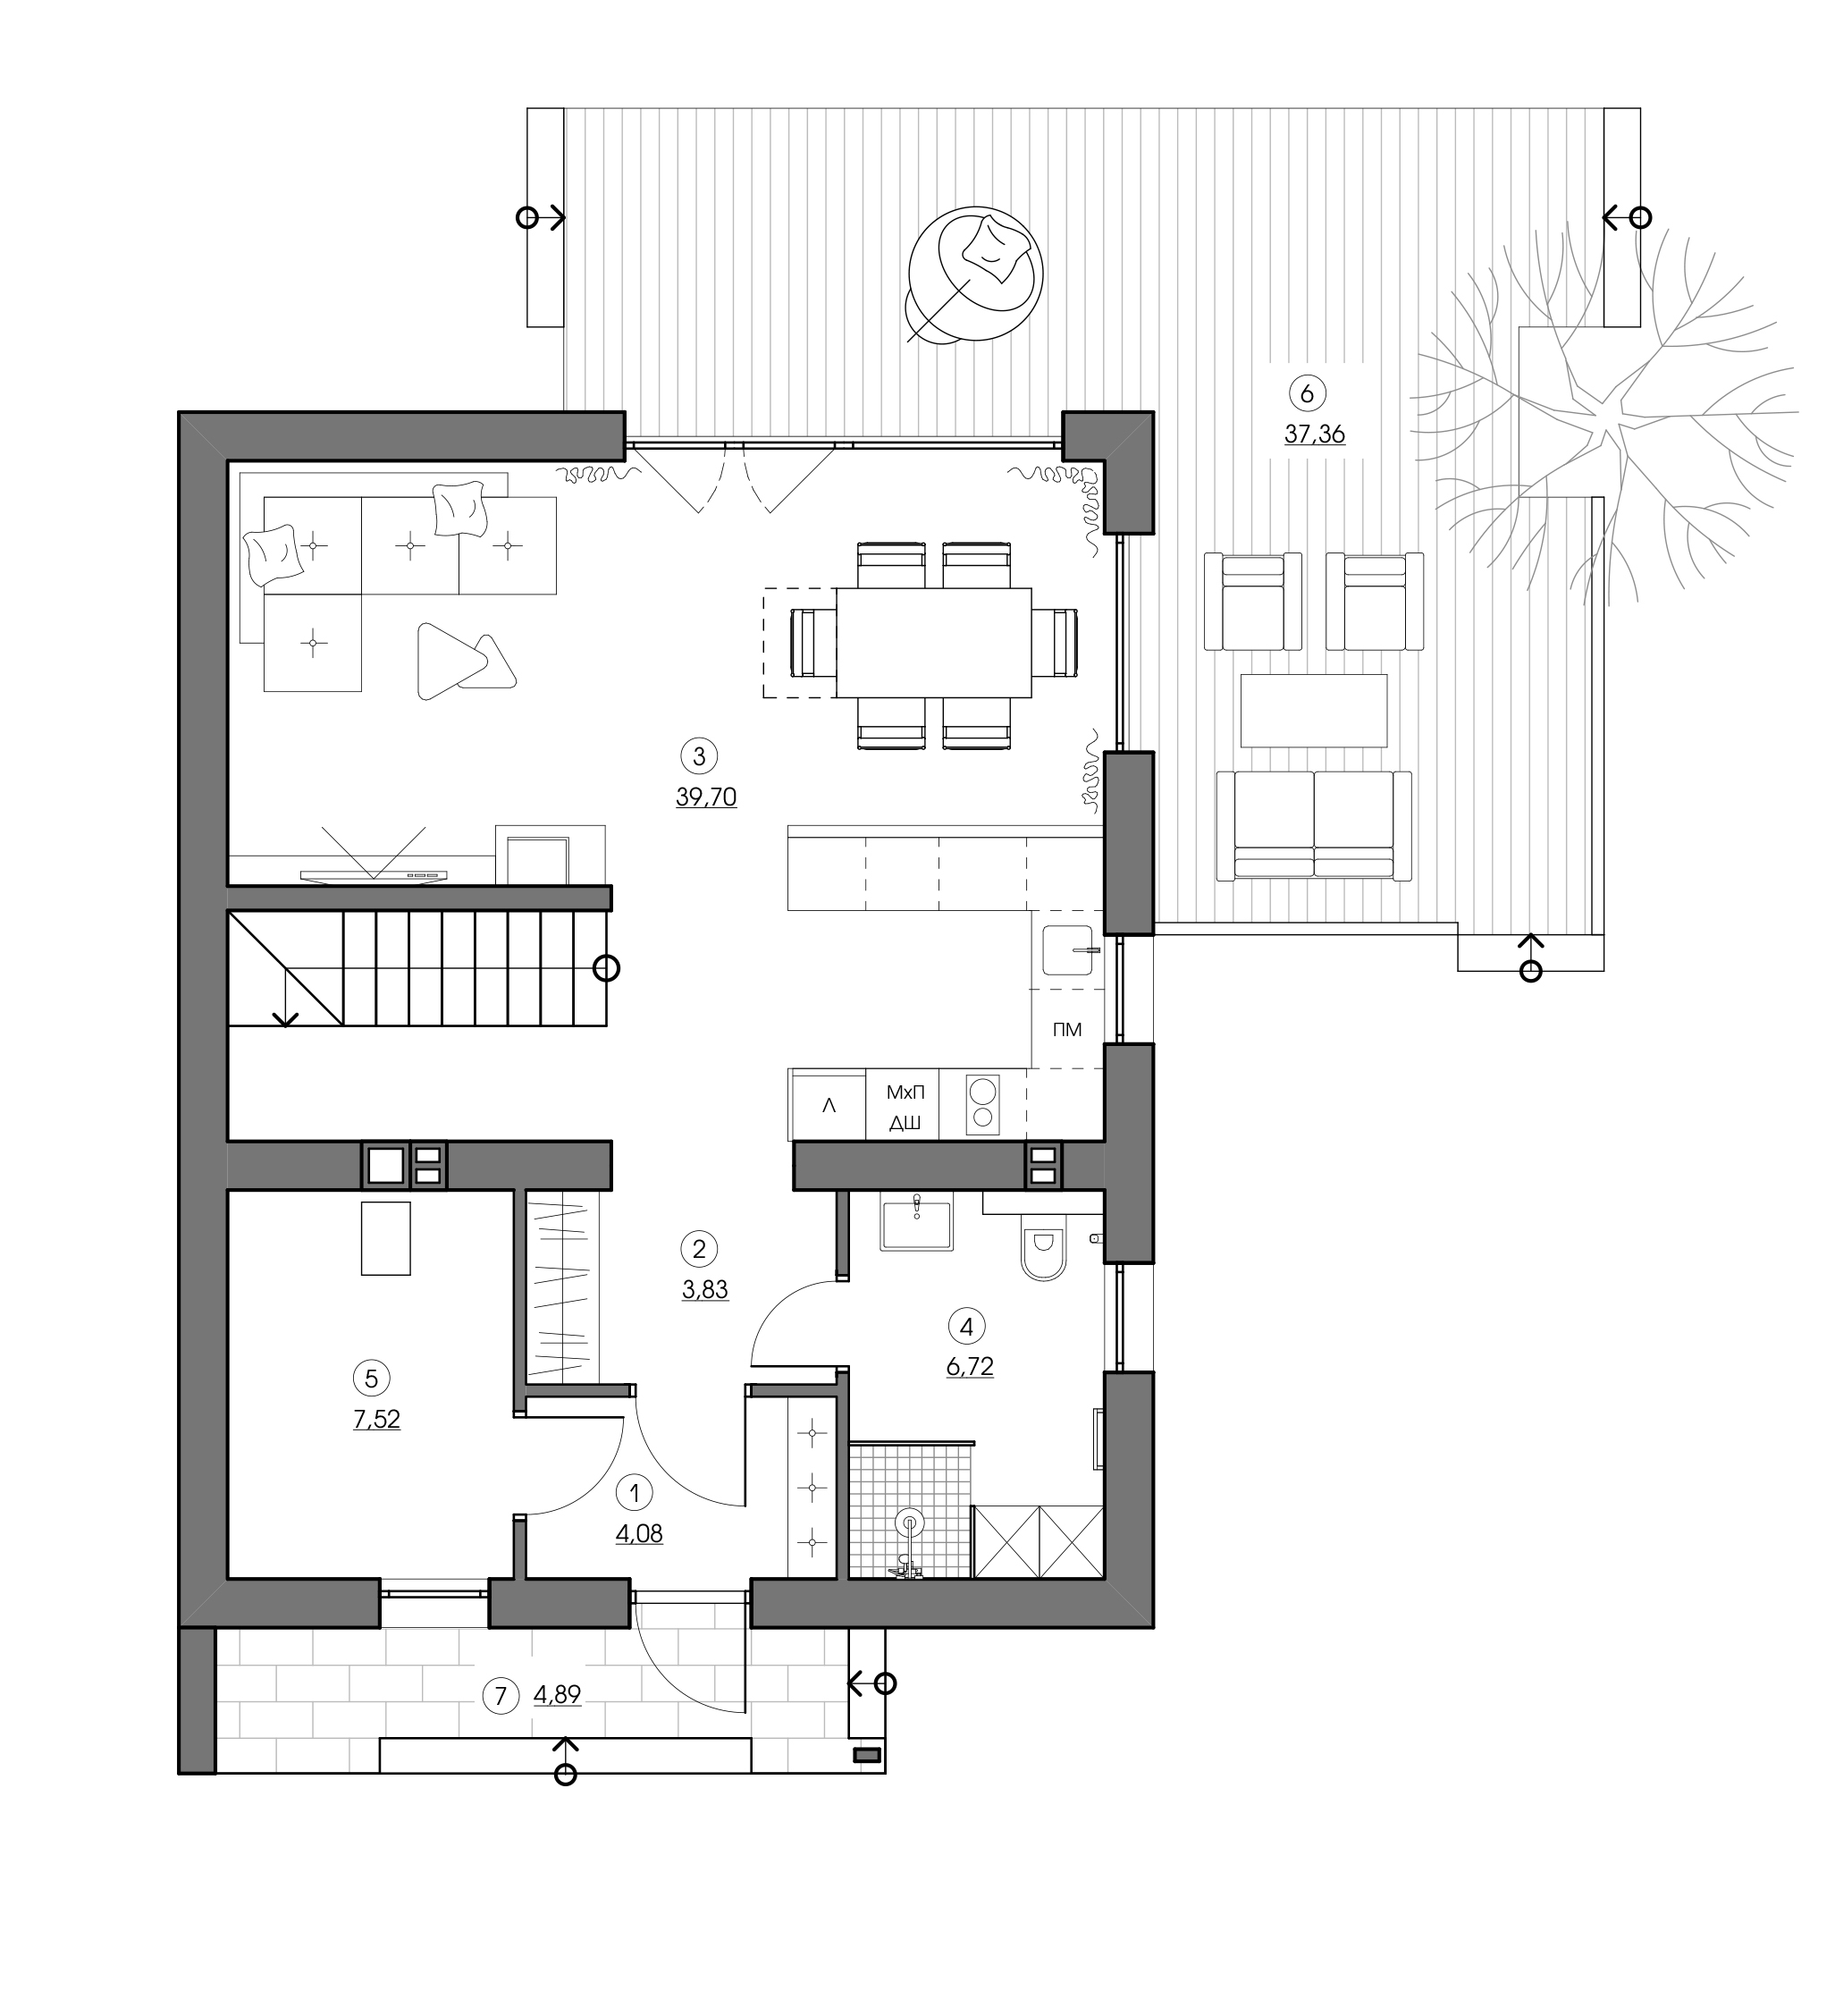 Архитектурный проект дома с мансардным этажом